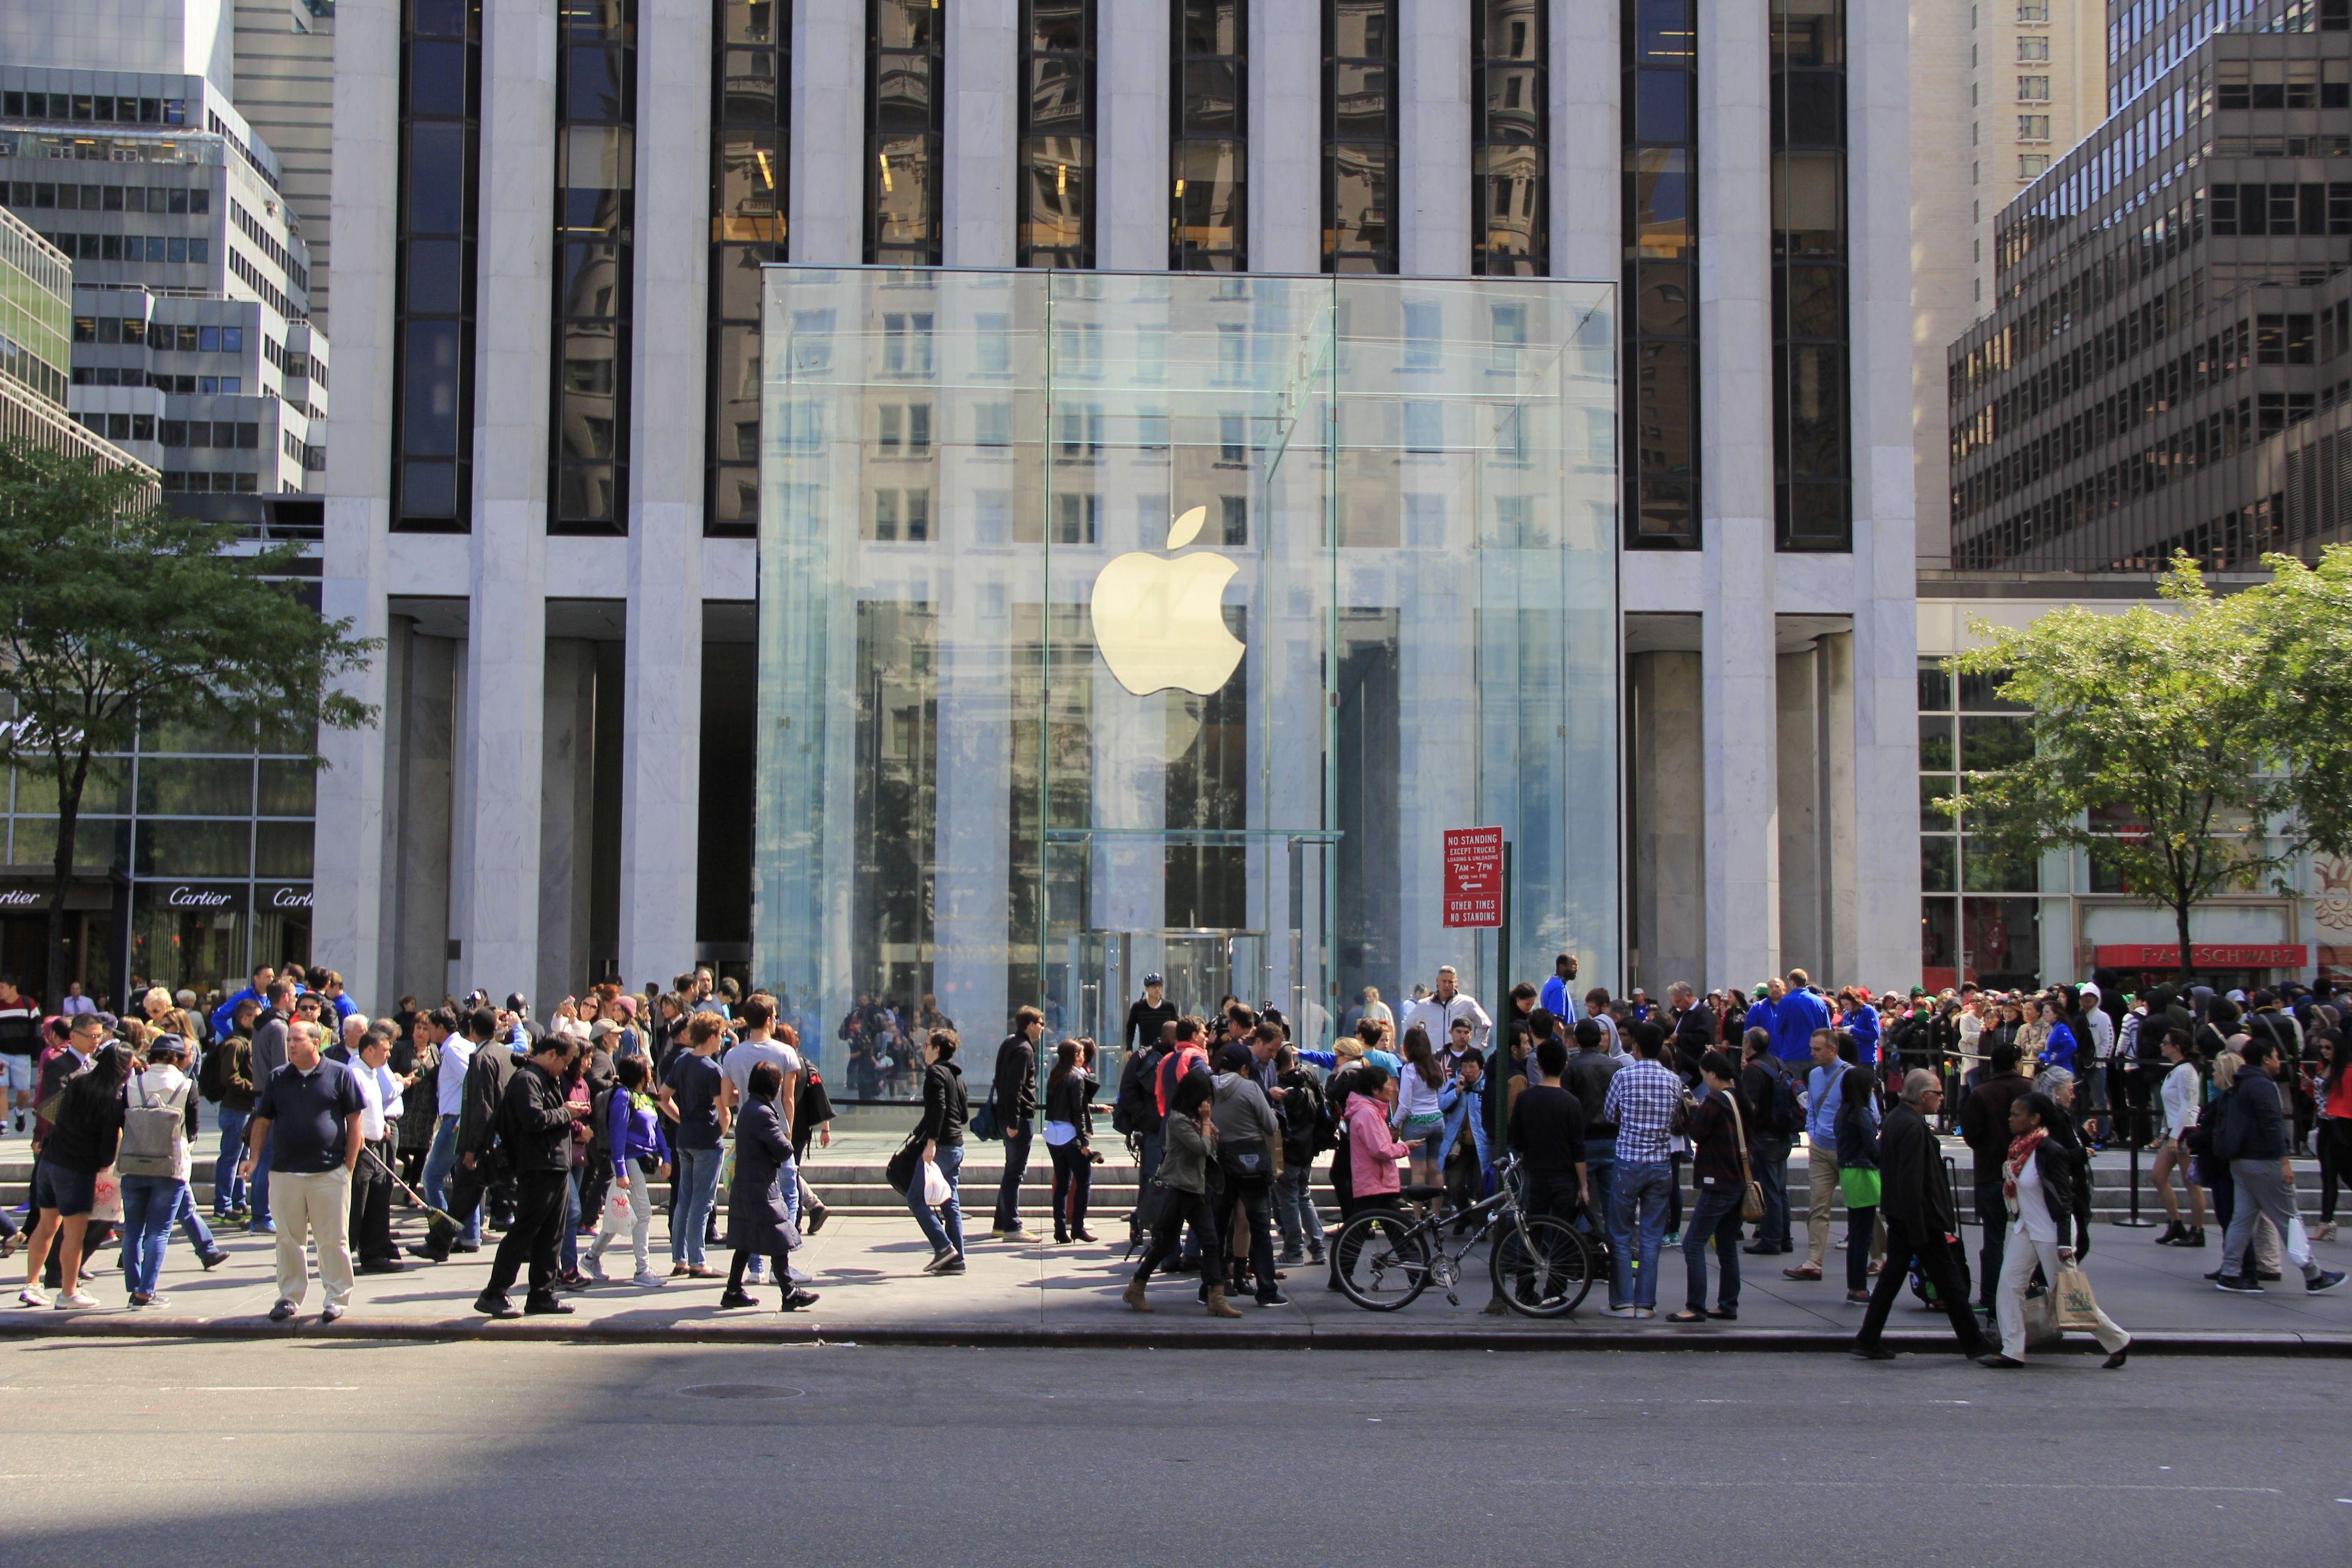 Apples butikker har som regel en kombinasjon av spesiell design og god beliggenhet. Selskapets nye klokkebutikker skal ligge rett ved gullsmedforretninger. Her et bilde av Apple Store ved Central Park i New York. Foto: jessicakirsh / Shutterstock.com